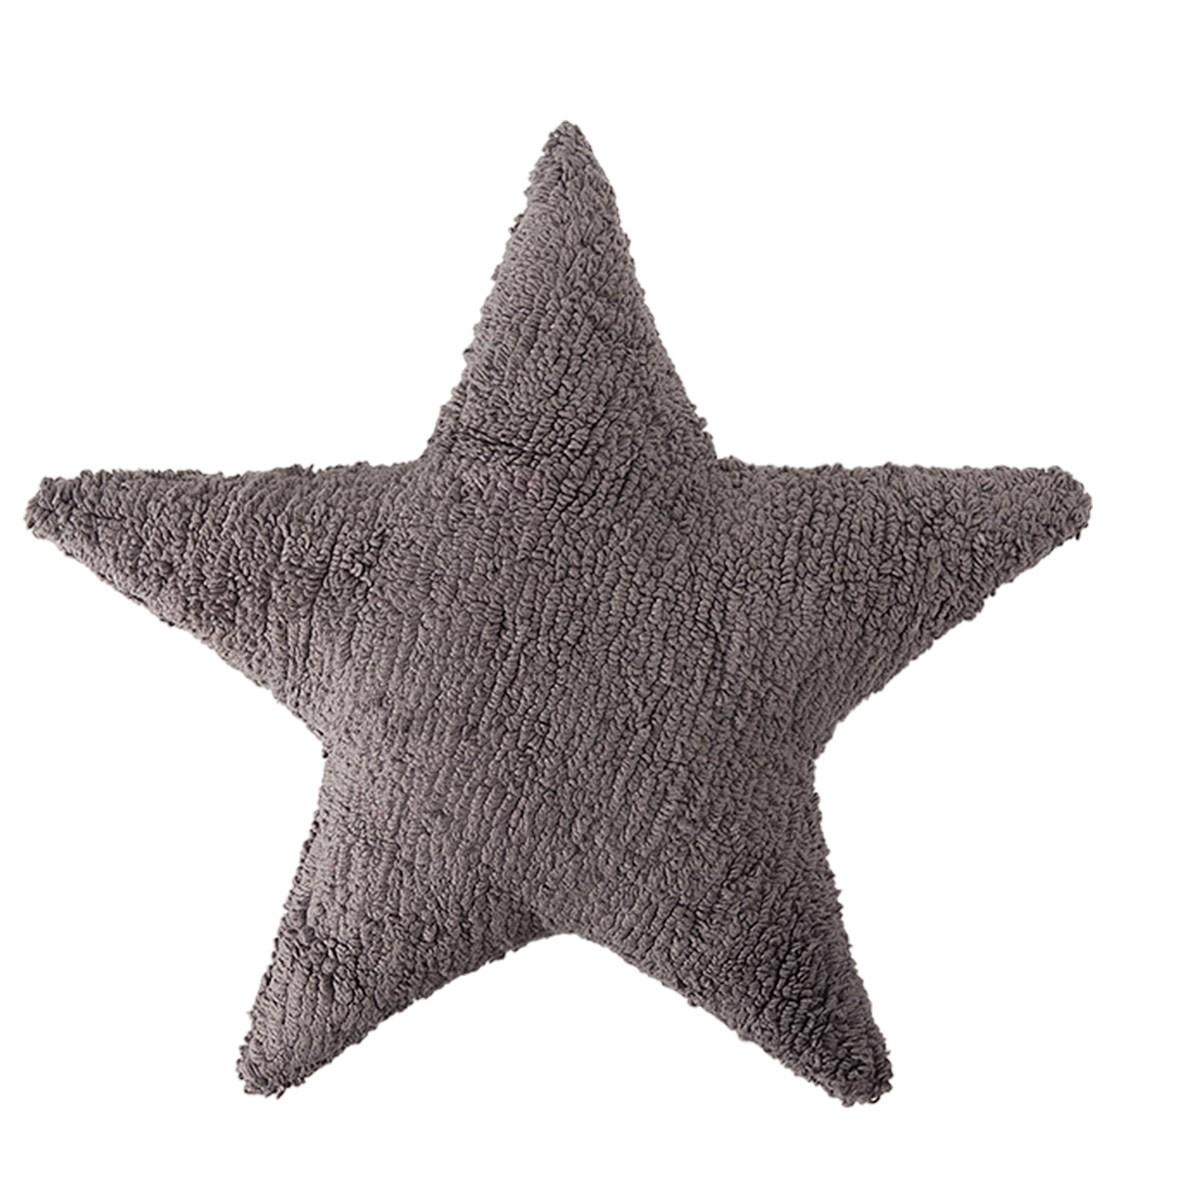 Διακοσμητικό Μαξιλάρι Lorena Canals Star Dark Grey 64575